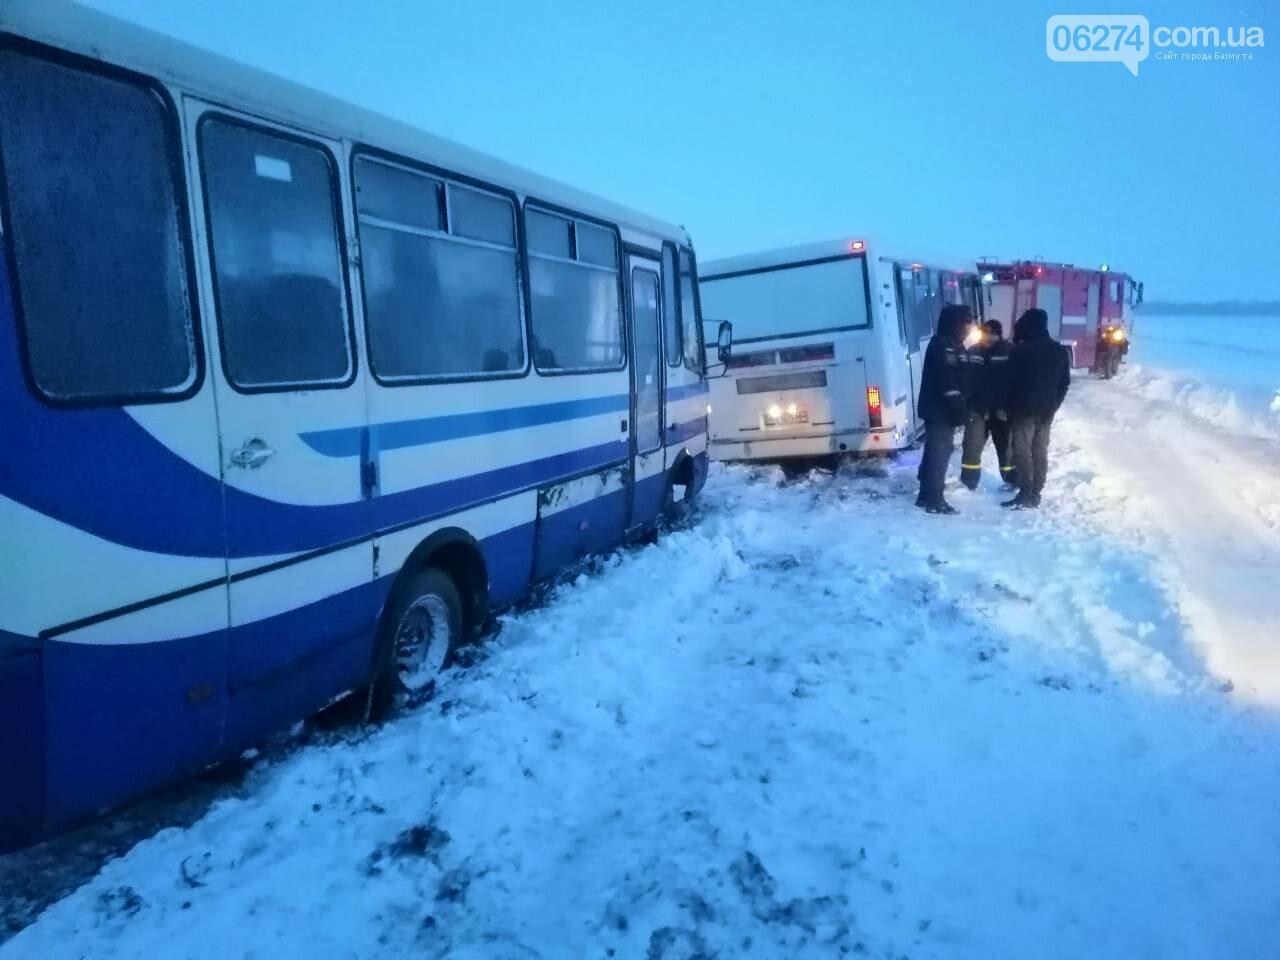 За сутки спасатели Донетчины оказали помощь водителям и пассажирам 45 транспортных средств, фото-5